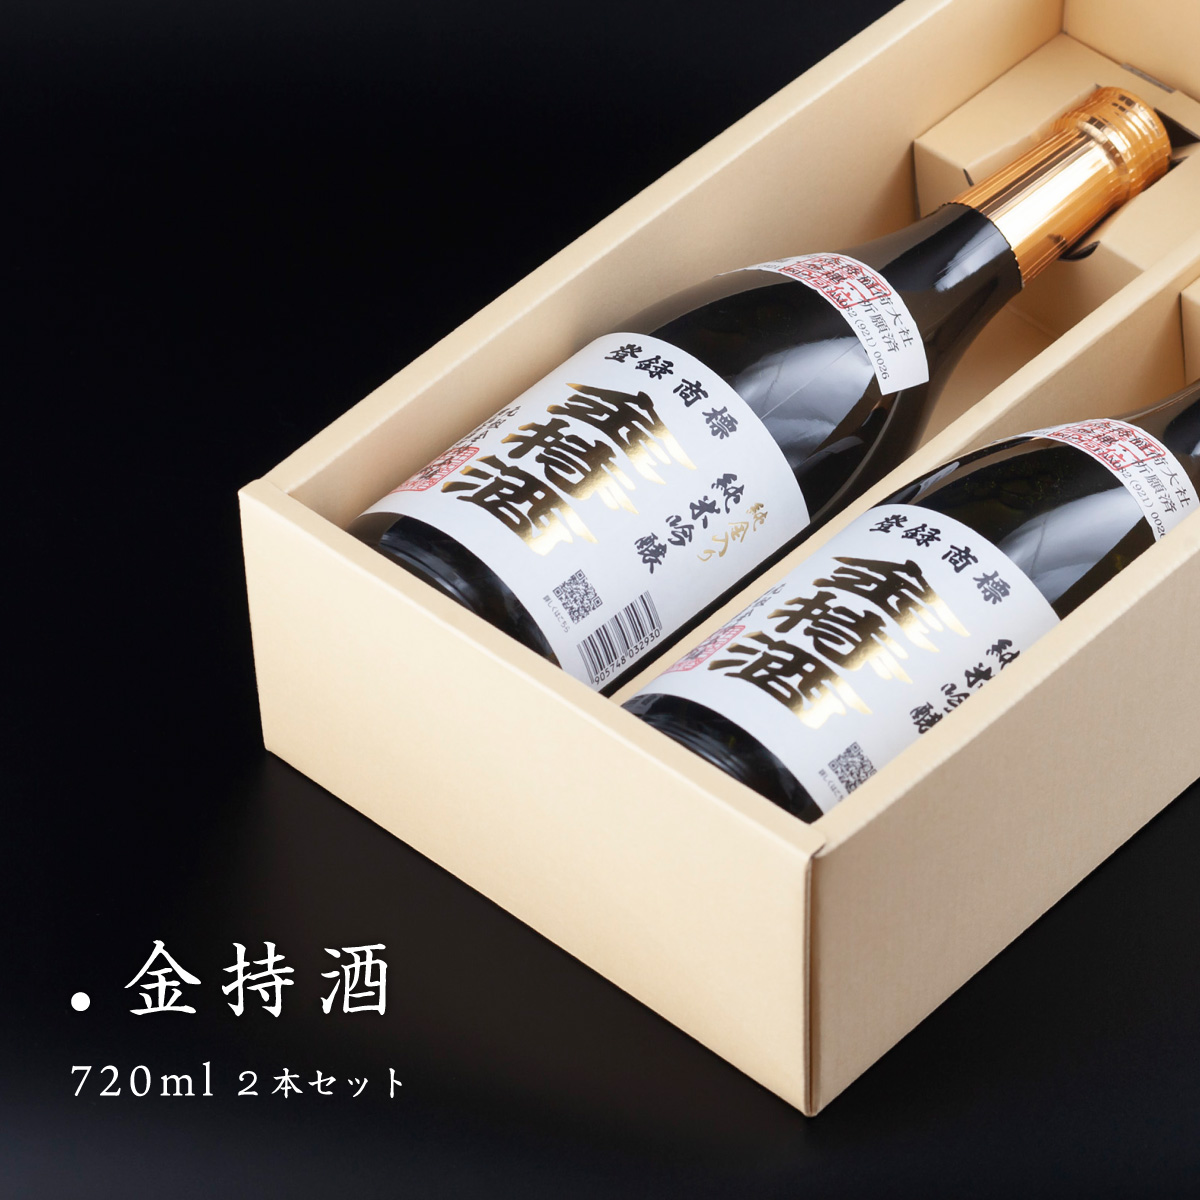 純金箔入り 純米吟醸 好評受付中 金持酒 純金箔入りの日本酒ギフト 2本セット OUTLET SALE 720ml